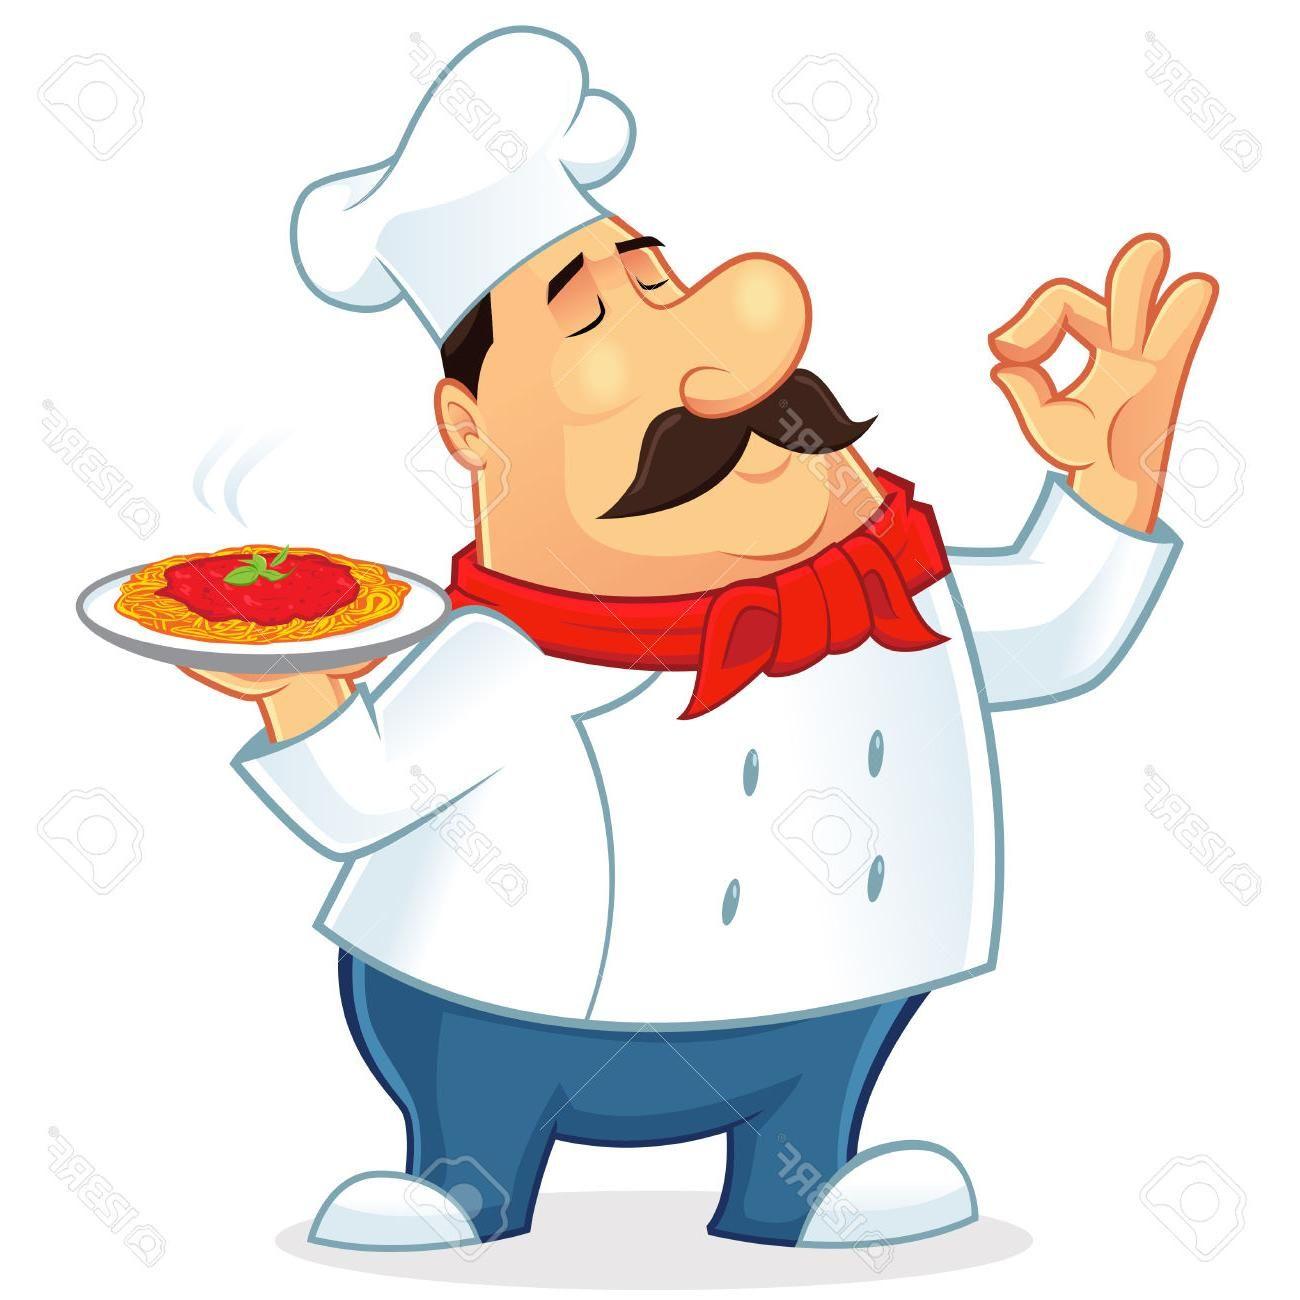 italian chef clipart free clipartxtras [ 1300 x 1300 Pixel ]